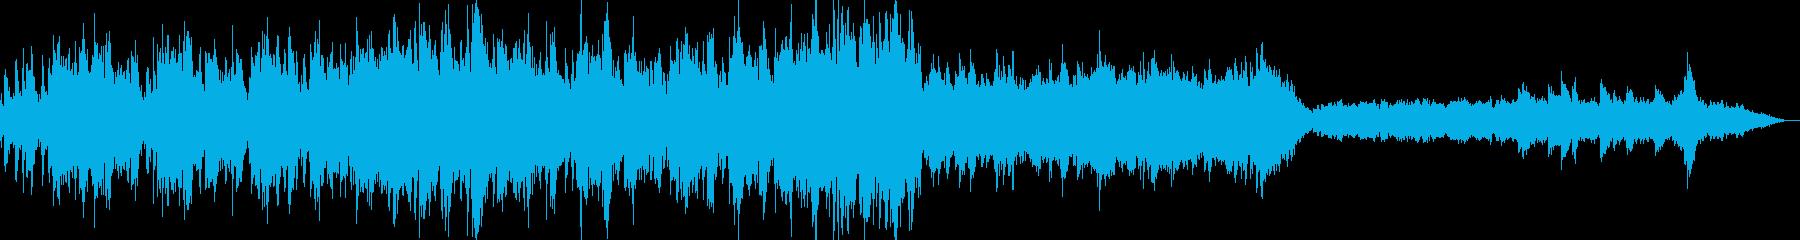 ワクワクする雰囲気のBGMの再生済みの波形